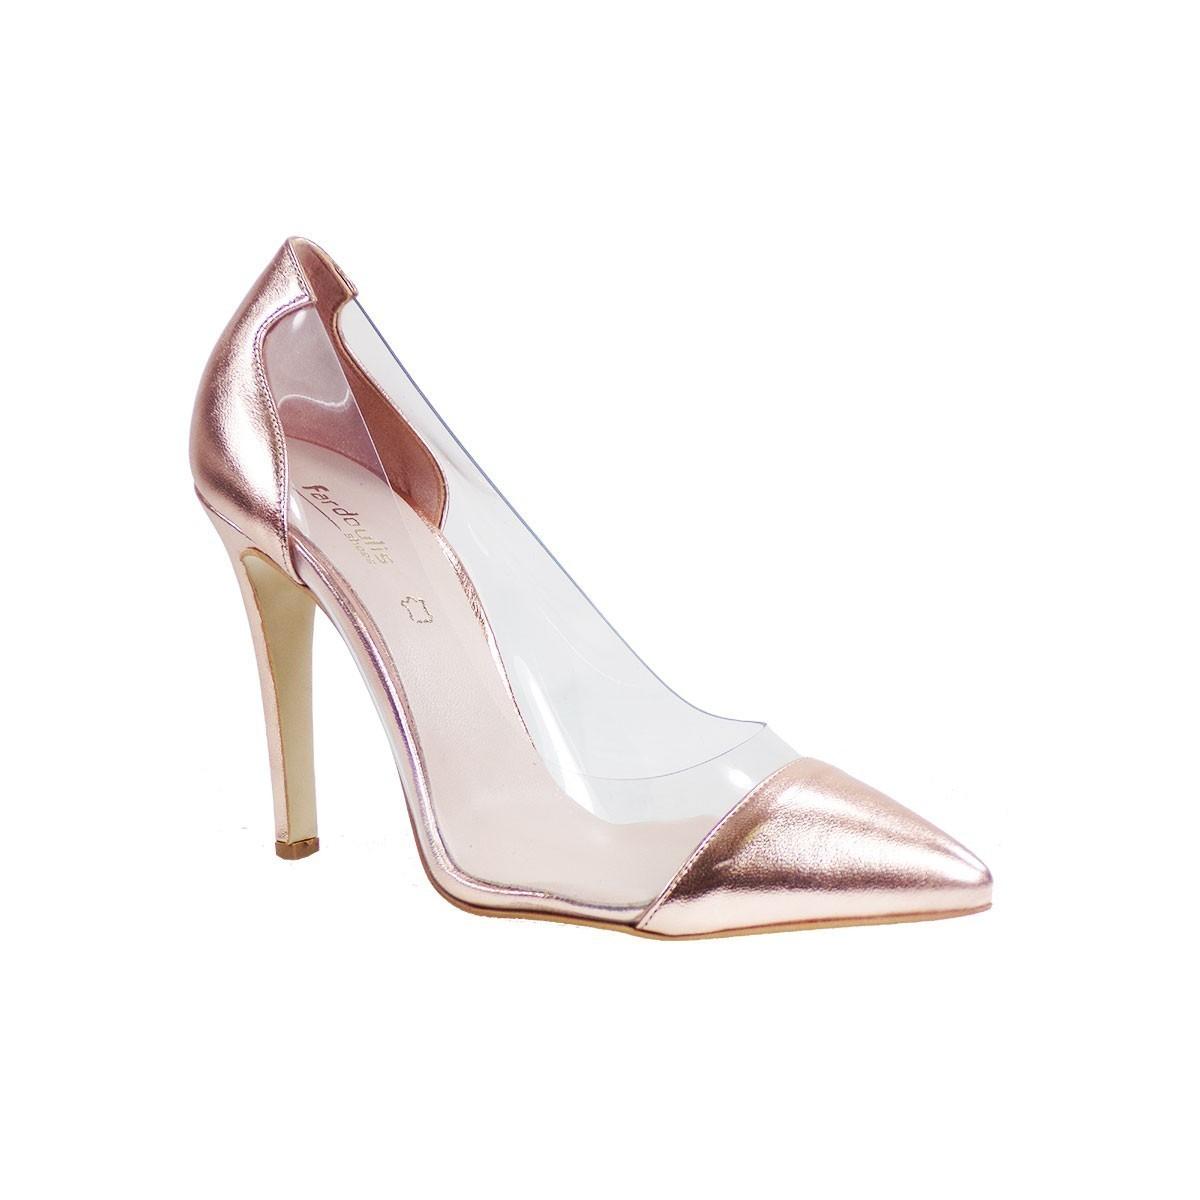 Fardoulis Shoes Γυναικείες Γόβες 2351 Χαλκός Δέρμα